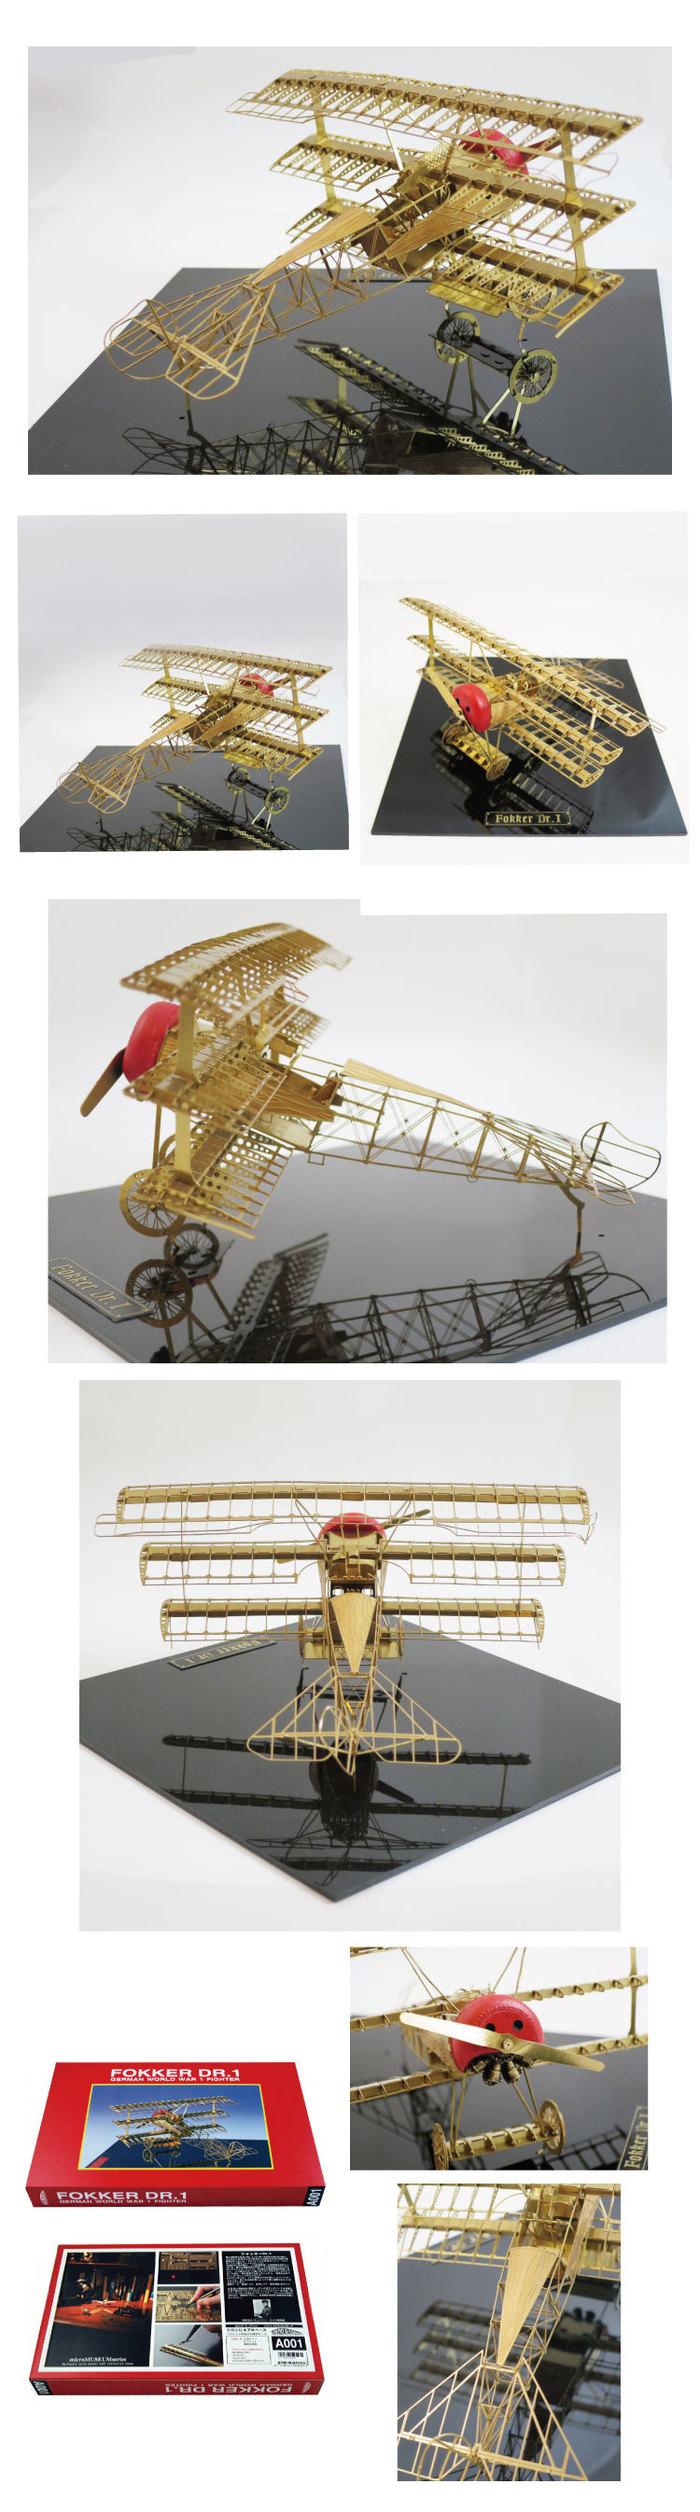 (複製)Aerobase|金屬模型組裝飛機Flyer(1903)萊特兄弟黃銅材質飛行機(1/72)